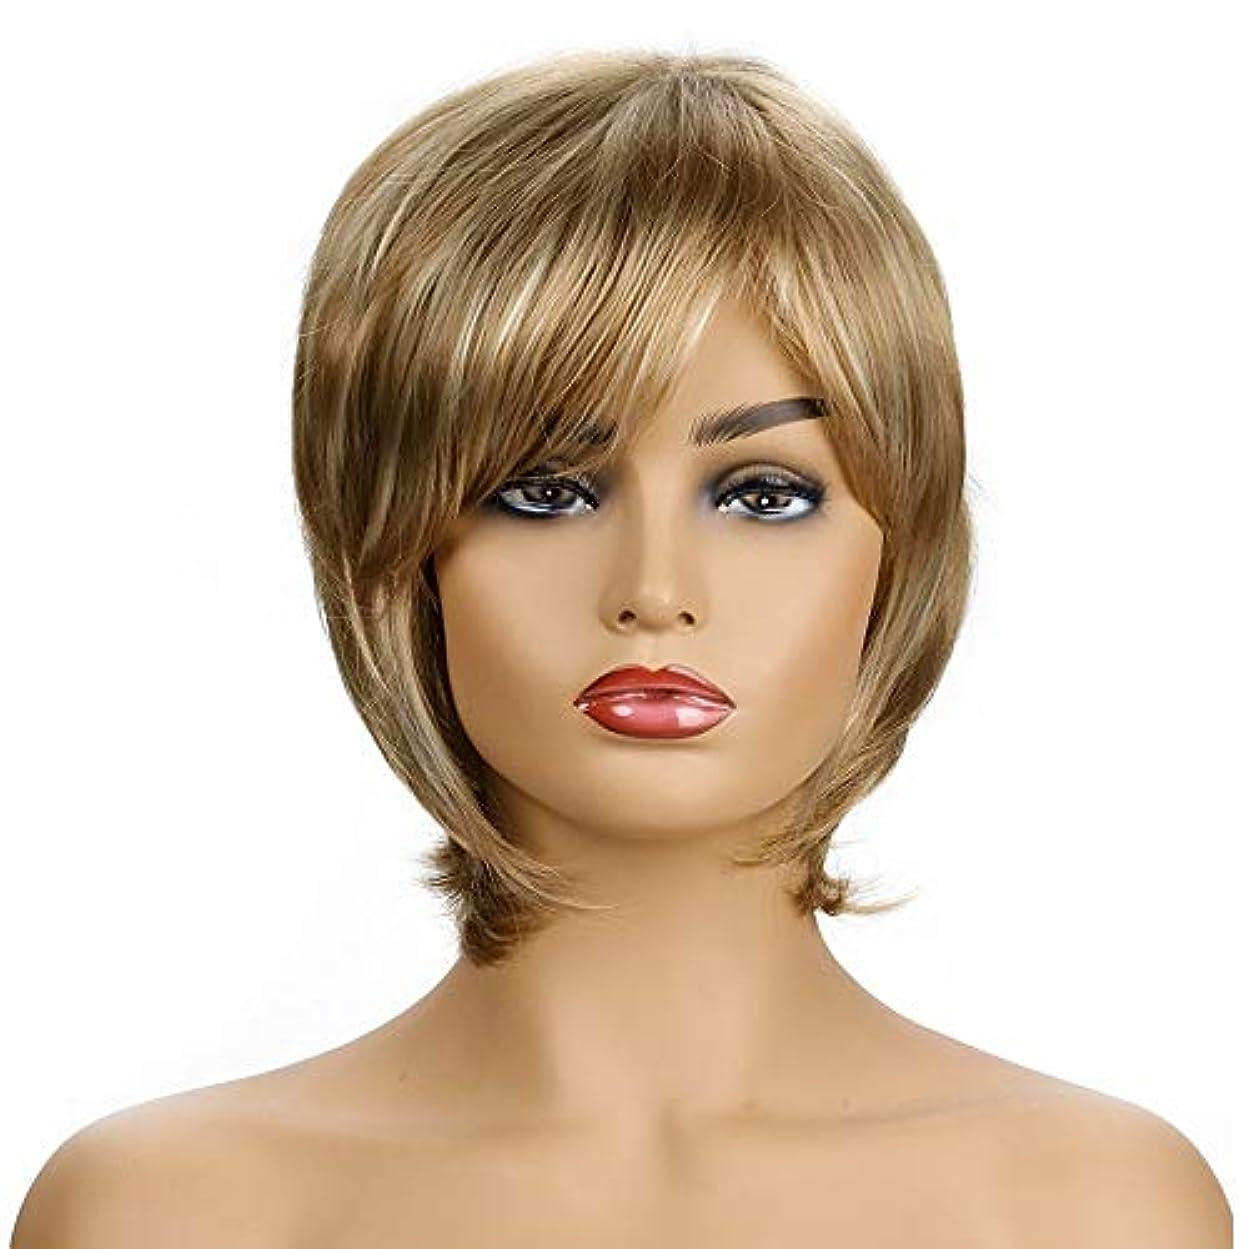 匹敵しますアッティカス発音女性の短い金の巻き毛のかつら、女性の側部のかつら、黒人女性のための自然なかつら、合成衣装ハロウィンコスプレパーティーウィッグ(ウィッグキャップ付き)